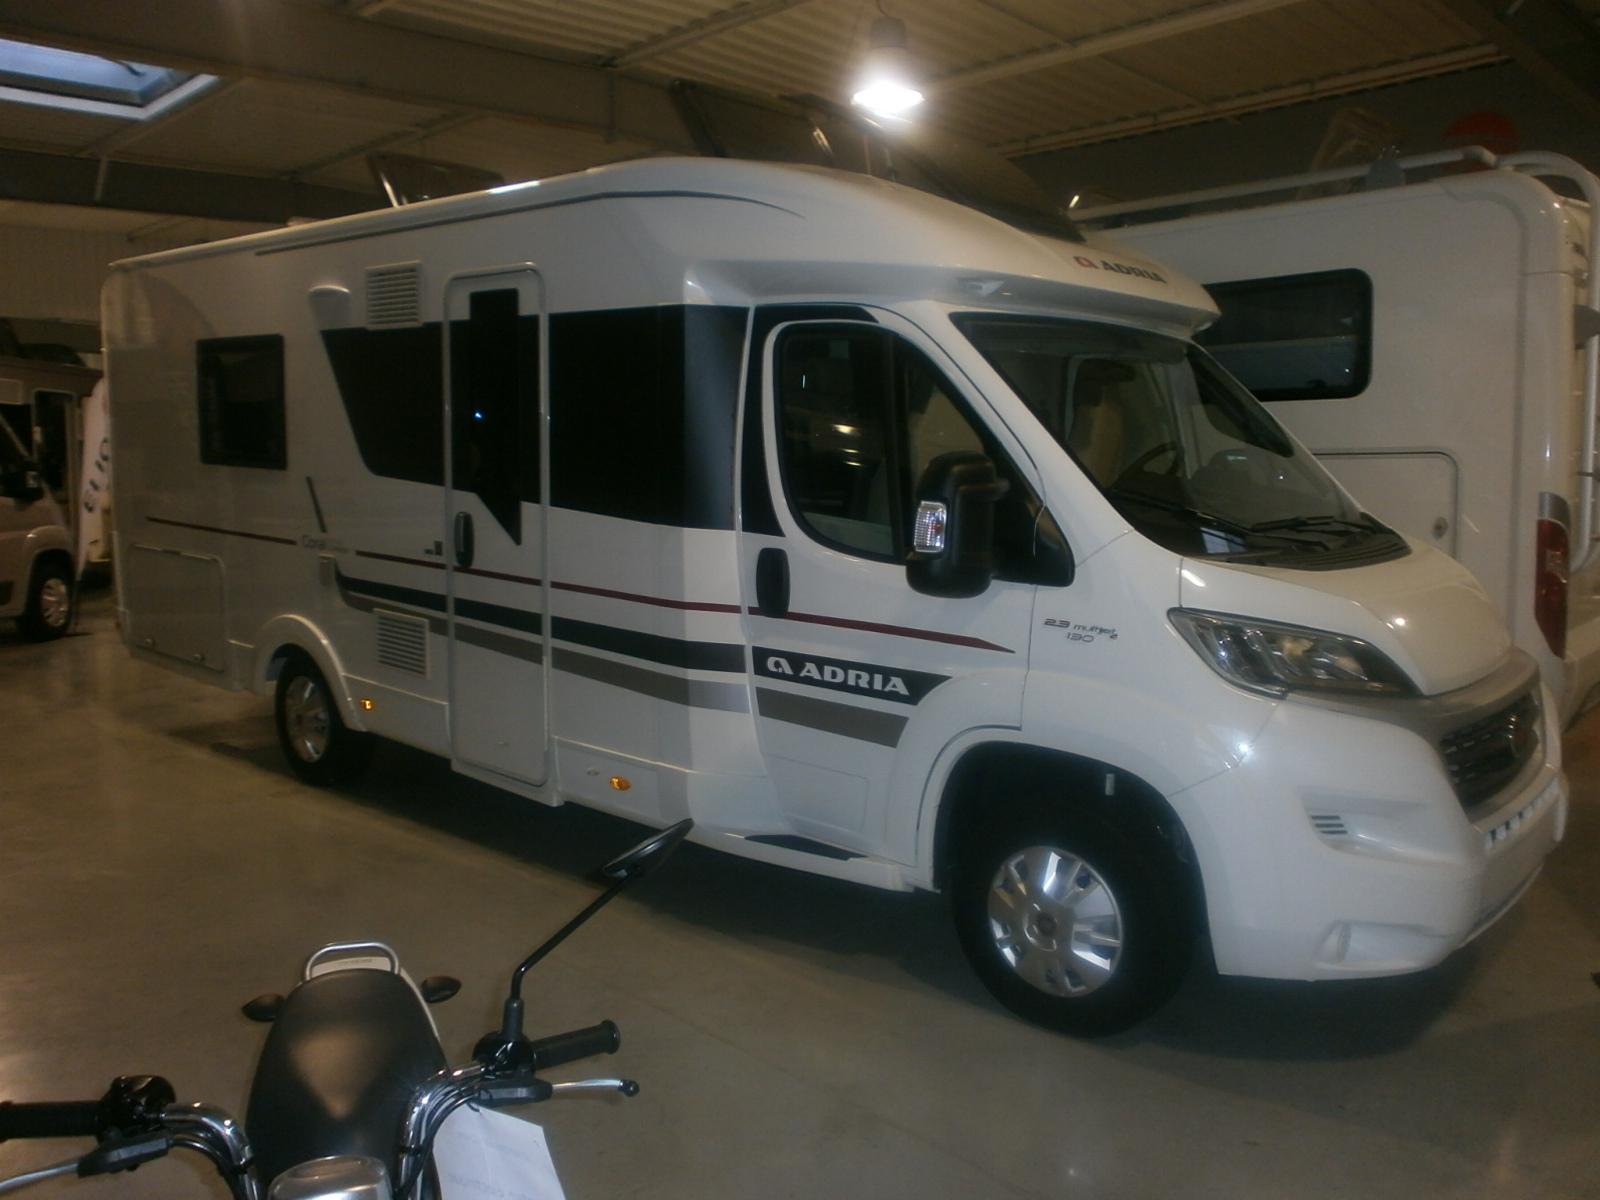 les occasions adria normandie camping car de l 39 odon camping car et caravanes caen. Black Bedroom Furniture Sets. Home Design Ideas